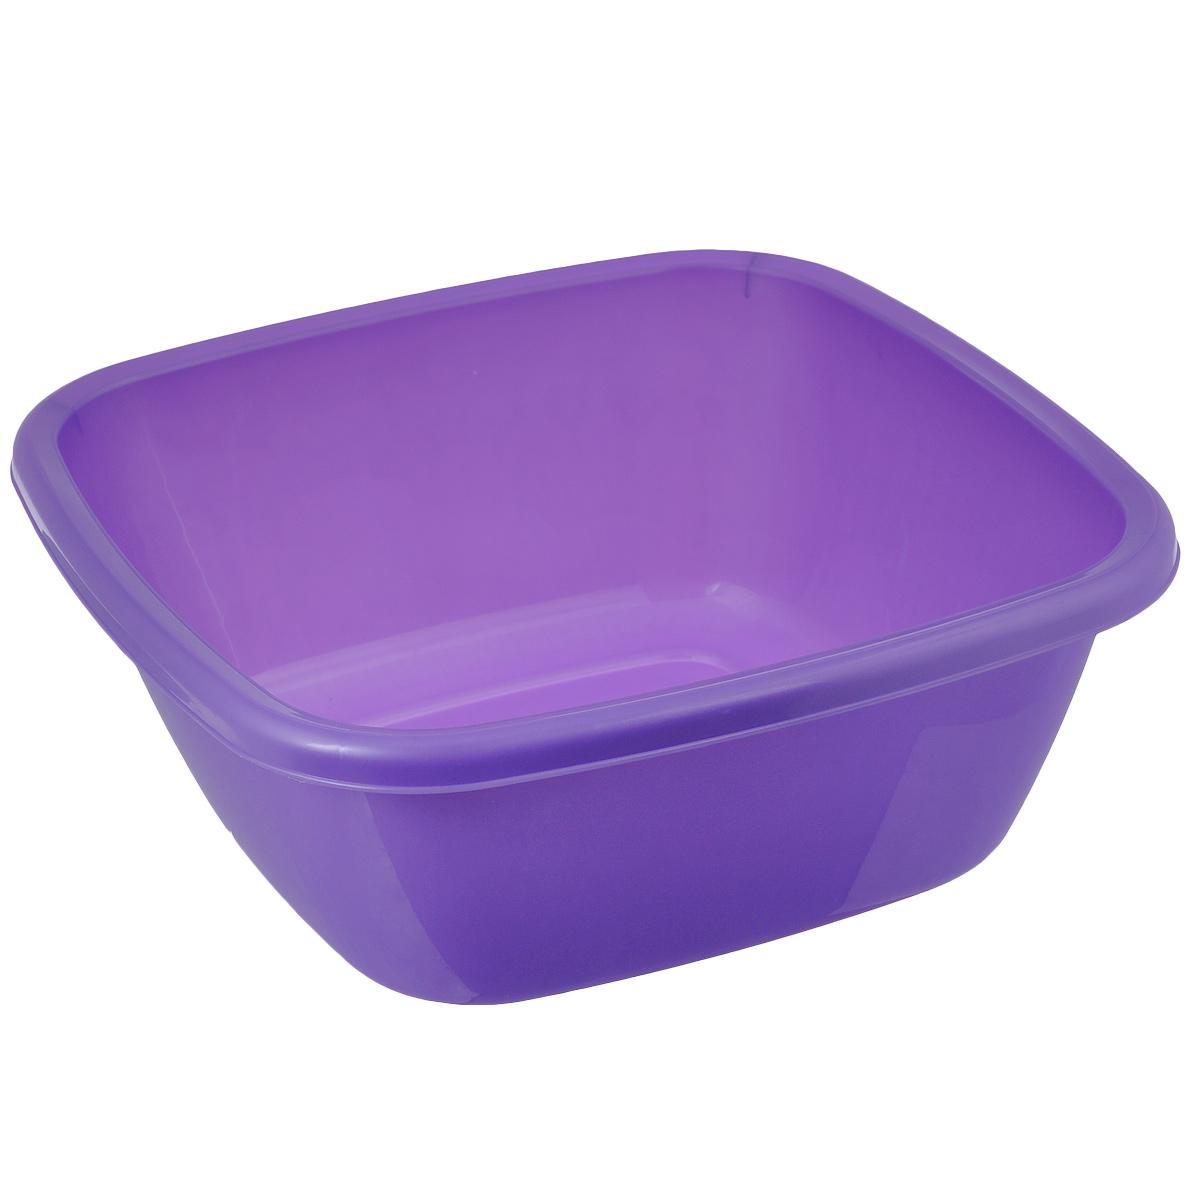 Таз Dunya Plastik, цвет: сиреневый, 13 л. 1011910119_сиреневыйТаз Dunya Plastik выполнен из прочного пластика. Он предназначен для стирки и хранения разных вещей. По бокам имеются удобные углубления, которые обеспечивают удобный захват. Таз пригодится в любом хозяйстве.